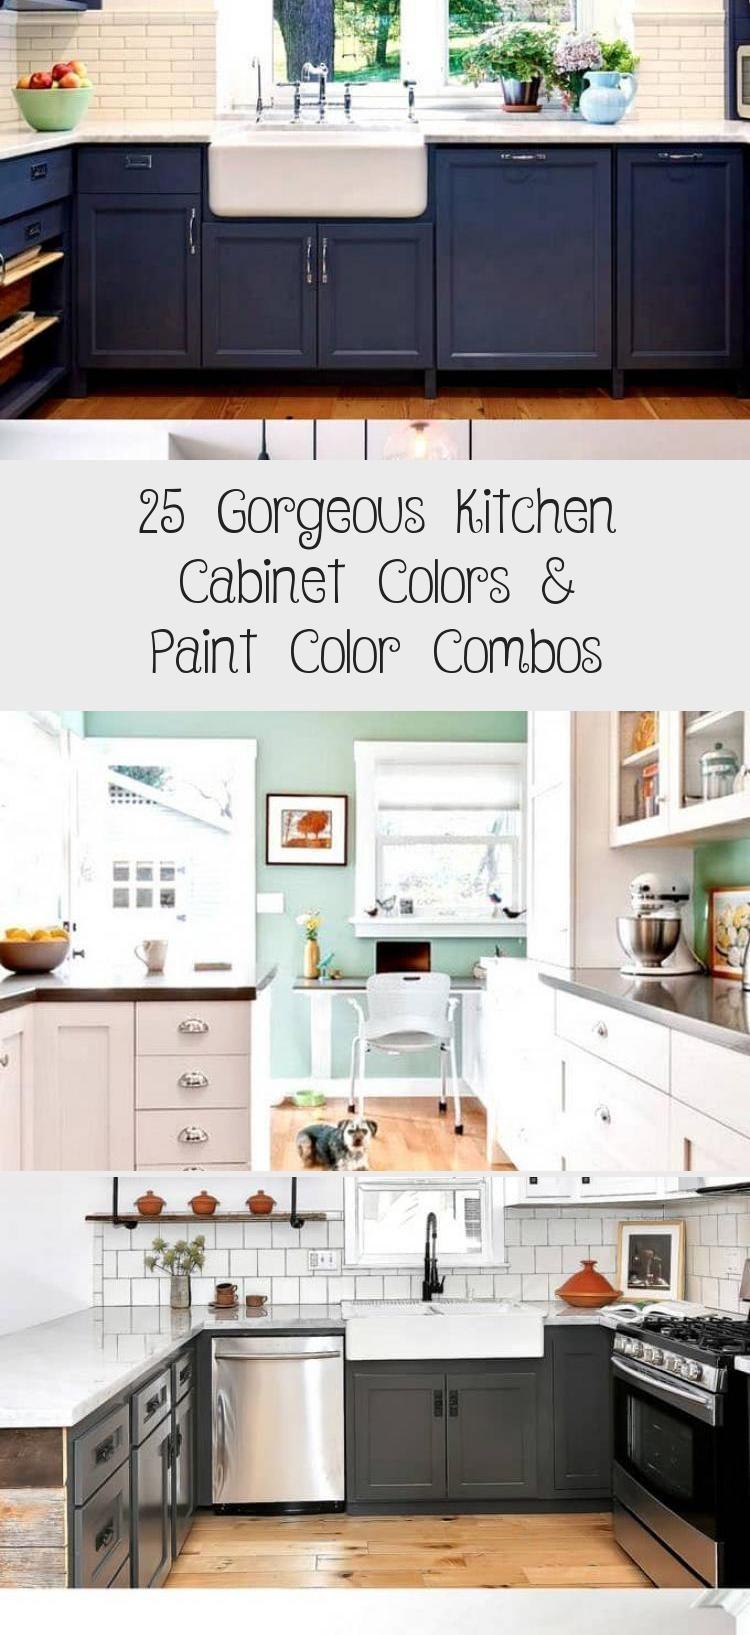 25 Gorgeous Kitchen Cabinet Colors Amp Paint Color Combos